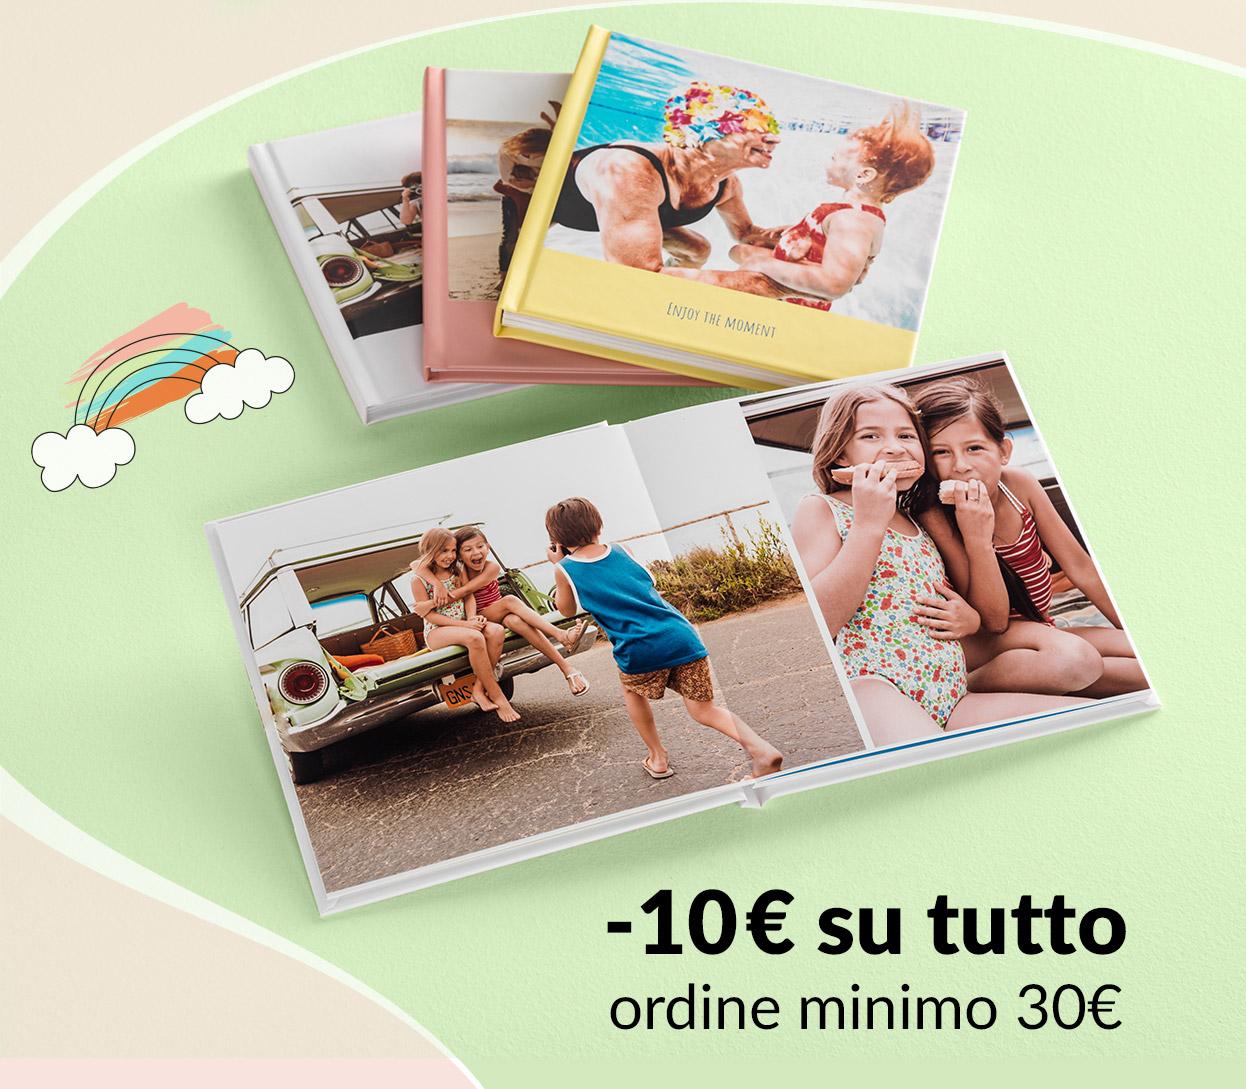 10€ su tutto (ordine minimo 30€)